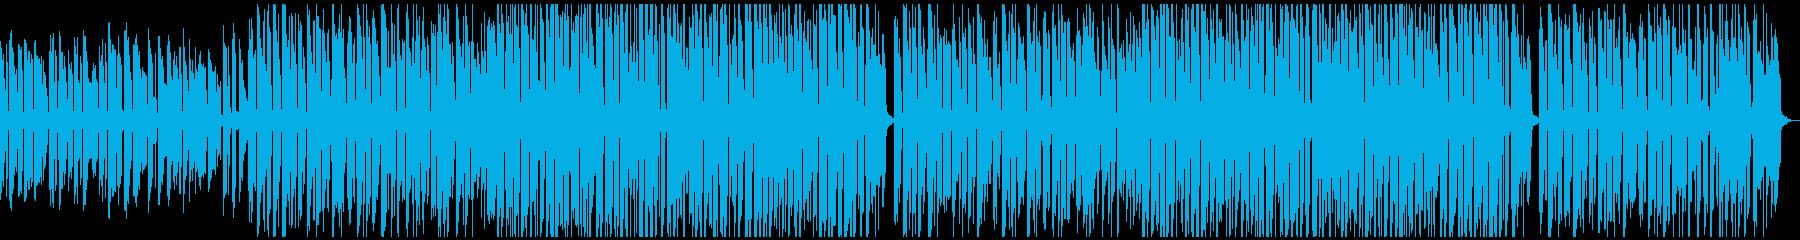 エレクトリックピアノで明るく爽やかな朝の再生済みの波形